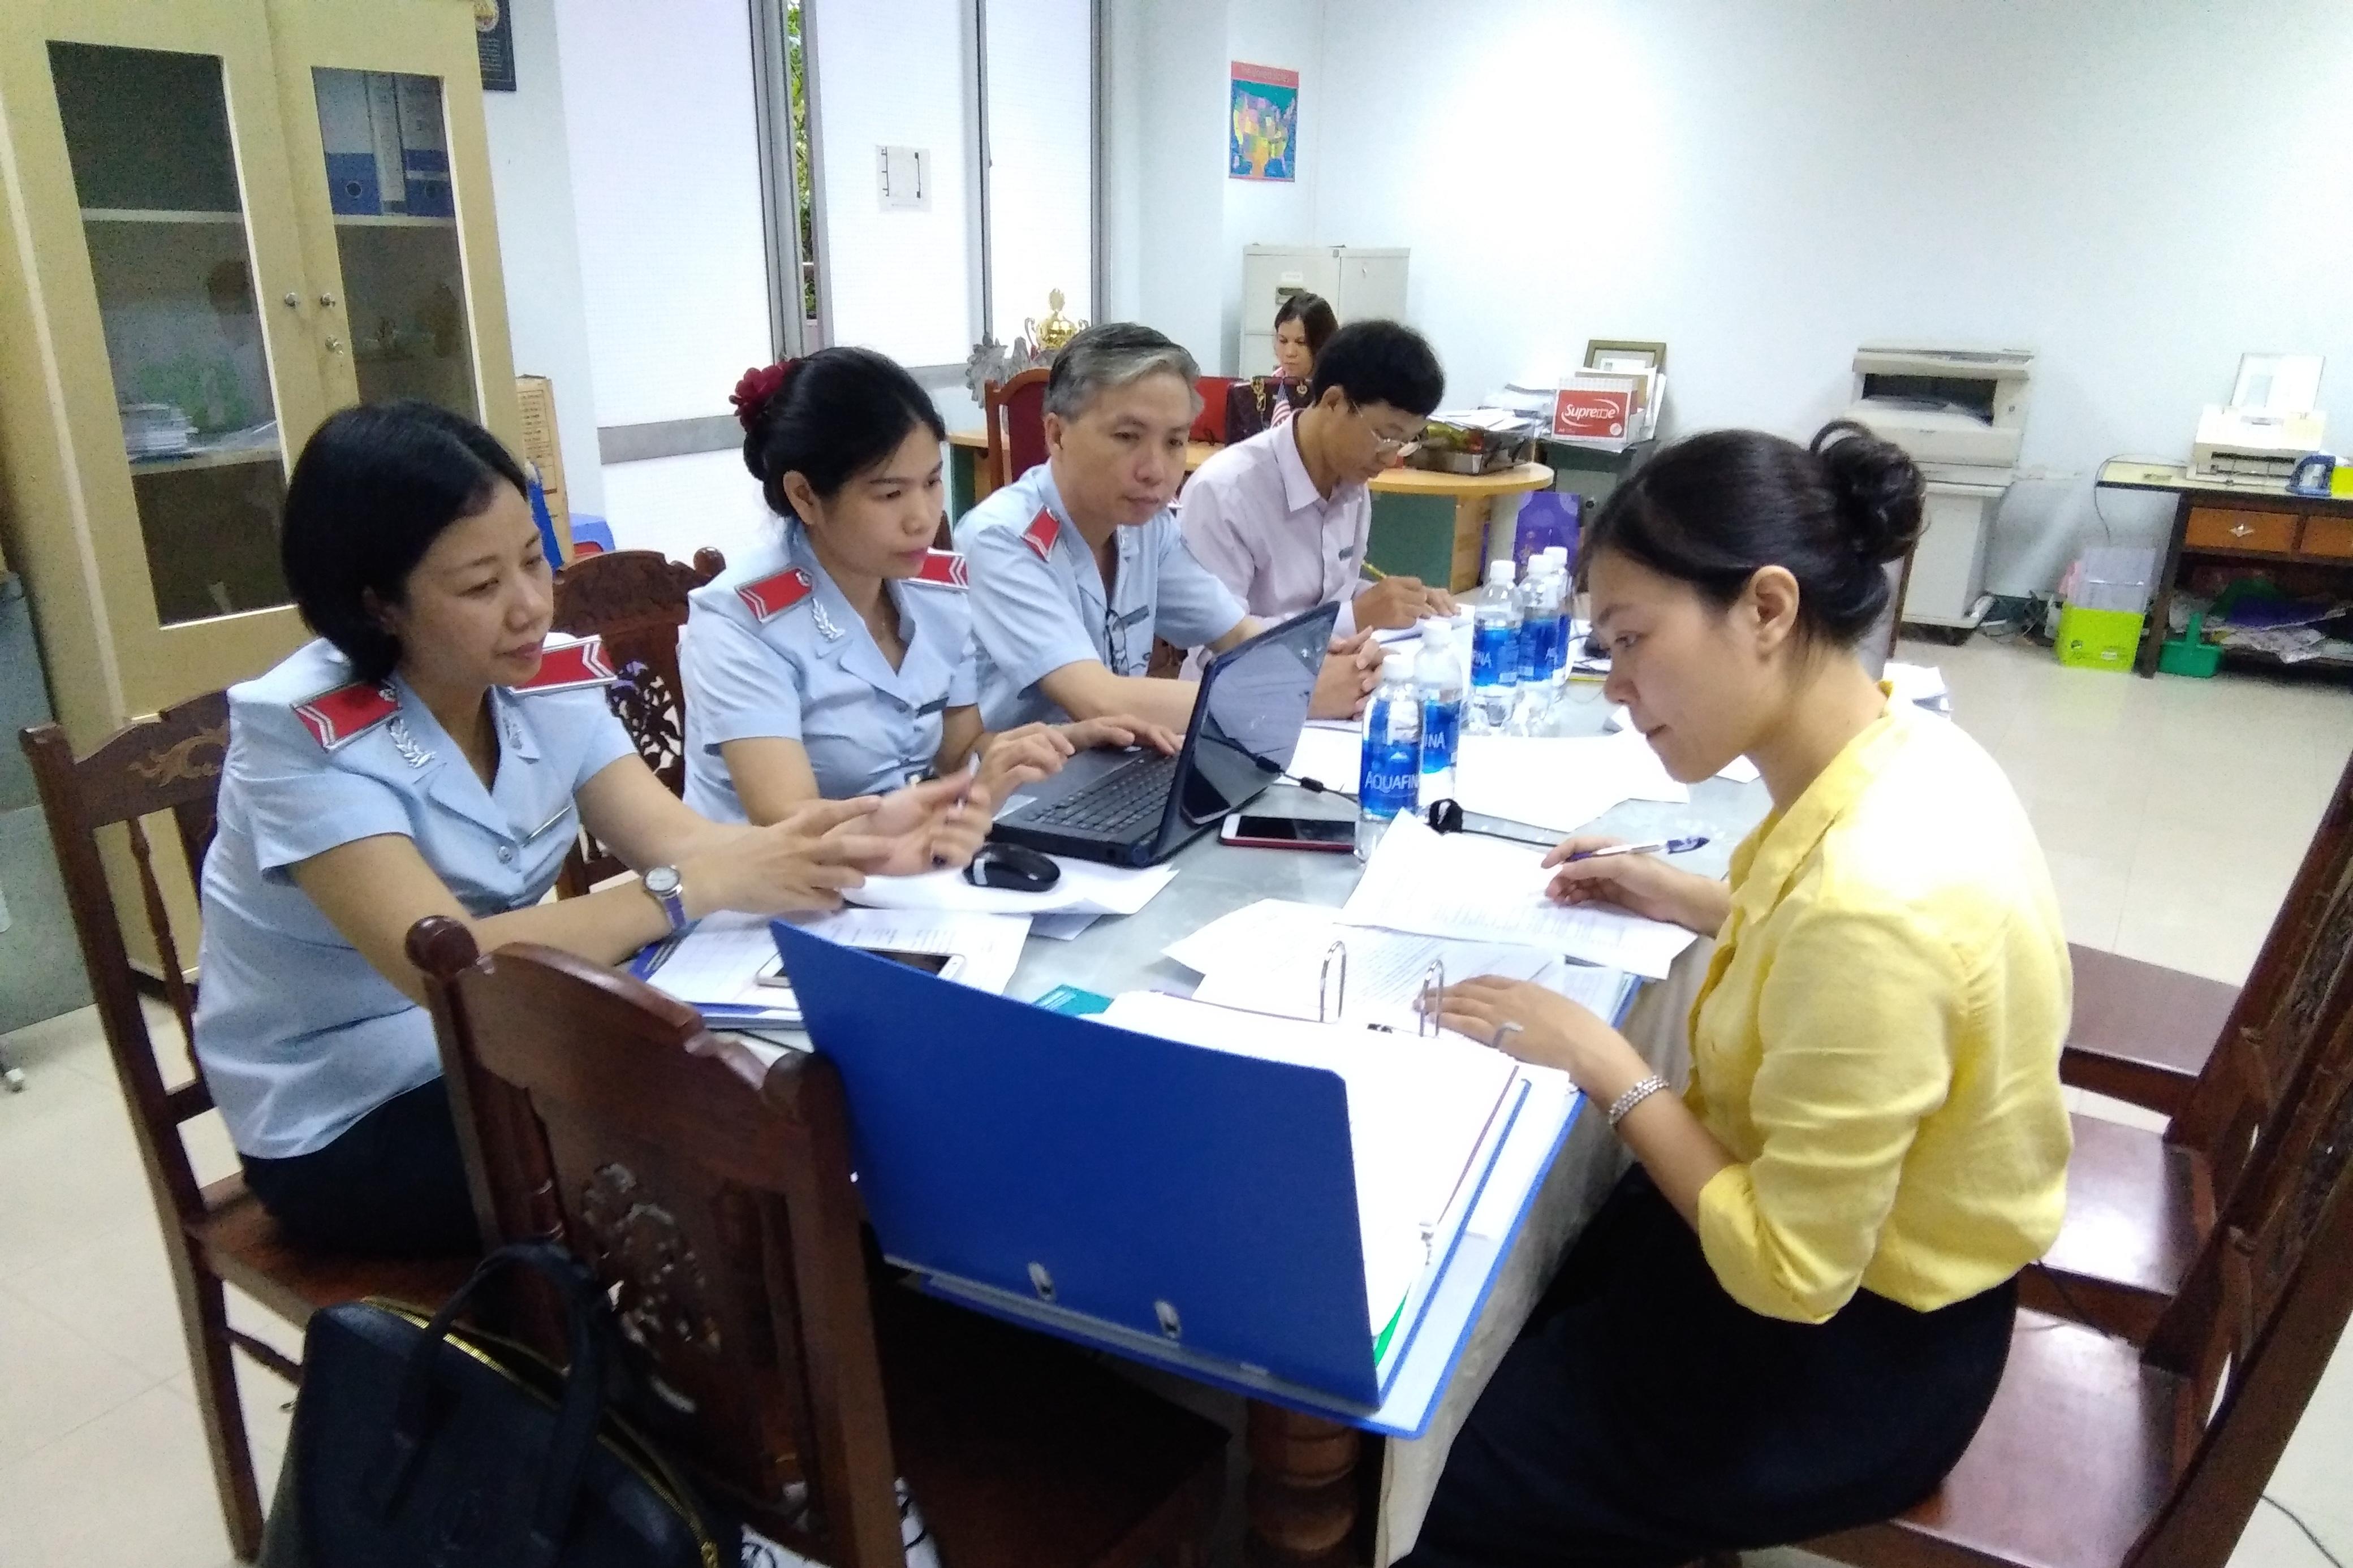 Đề nghị khởi tố công ty nợ hơn 13,5 tỉ đồng tiền bảo hiểm ở Đà Nẵng